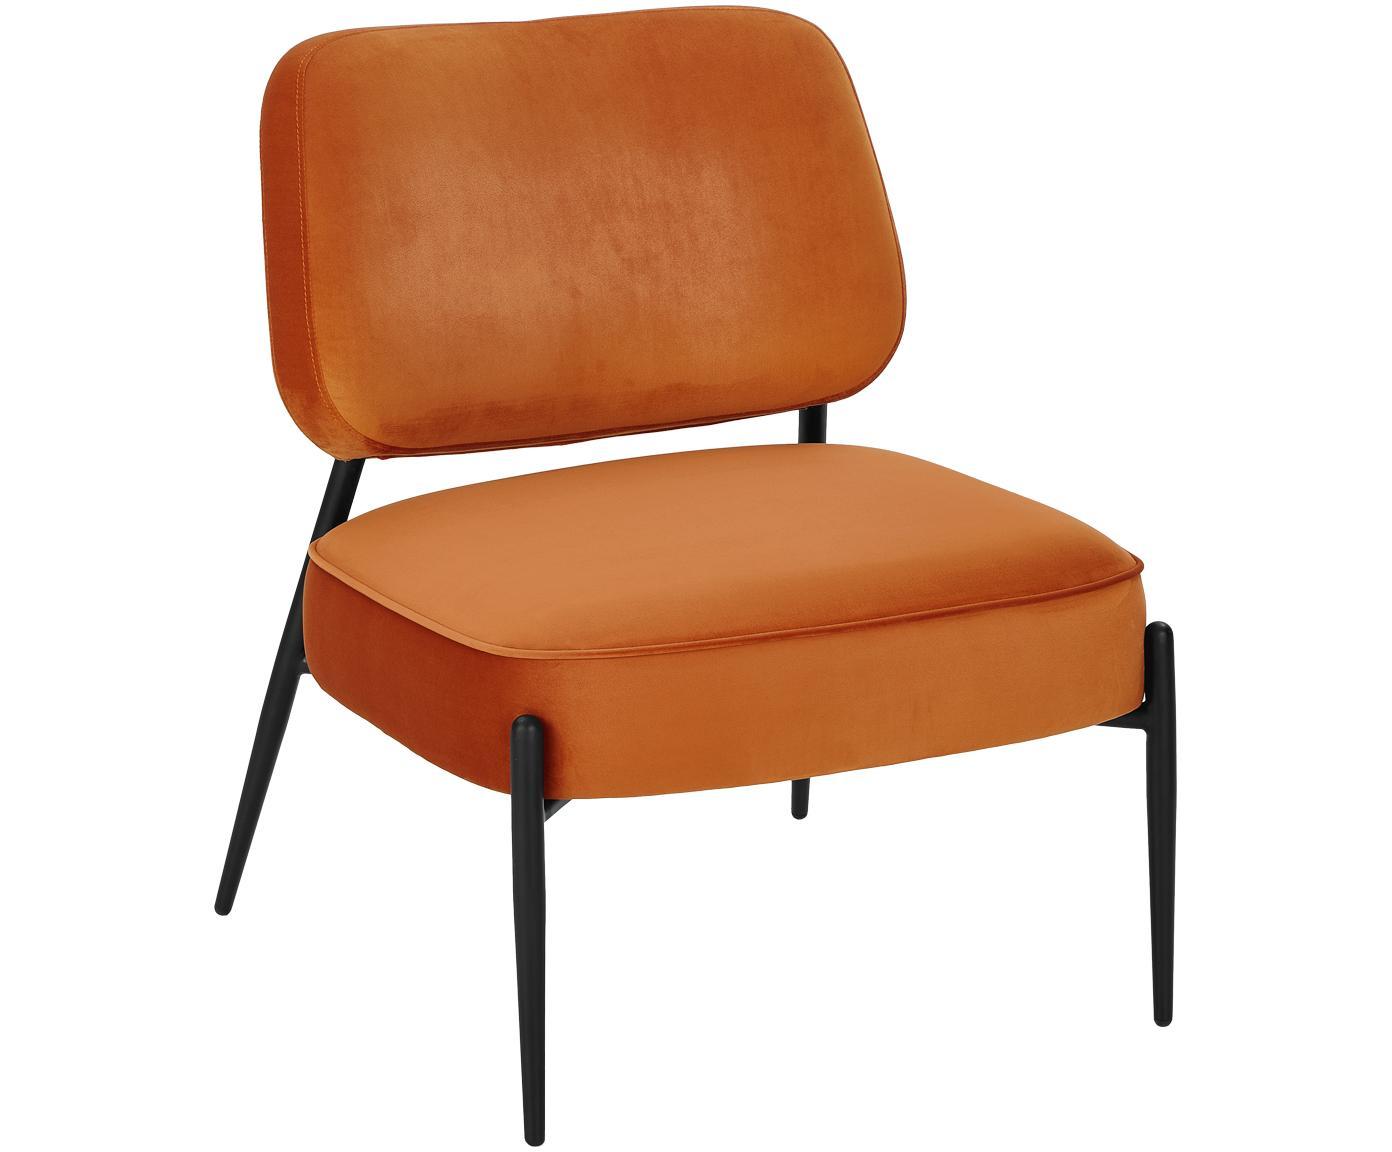 Sedia a poltrona in velluto Viggo, Rivestimento: velluto (poliestere) 50.0, Gambe: metallo verniciato a polv, Velluto arancione, Larg. 62 x Prof. 67 cm